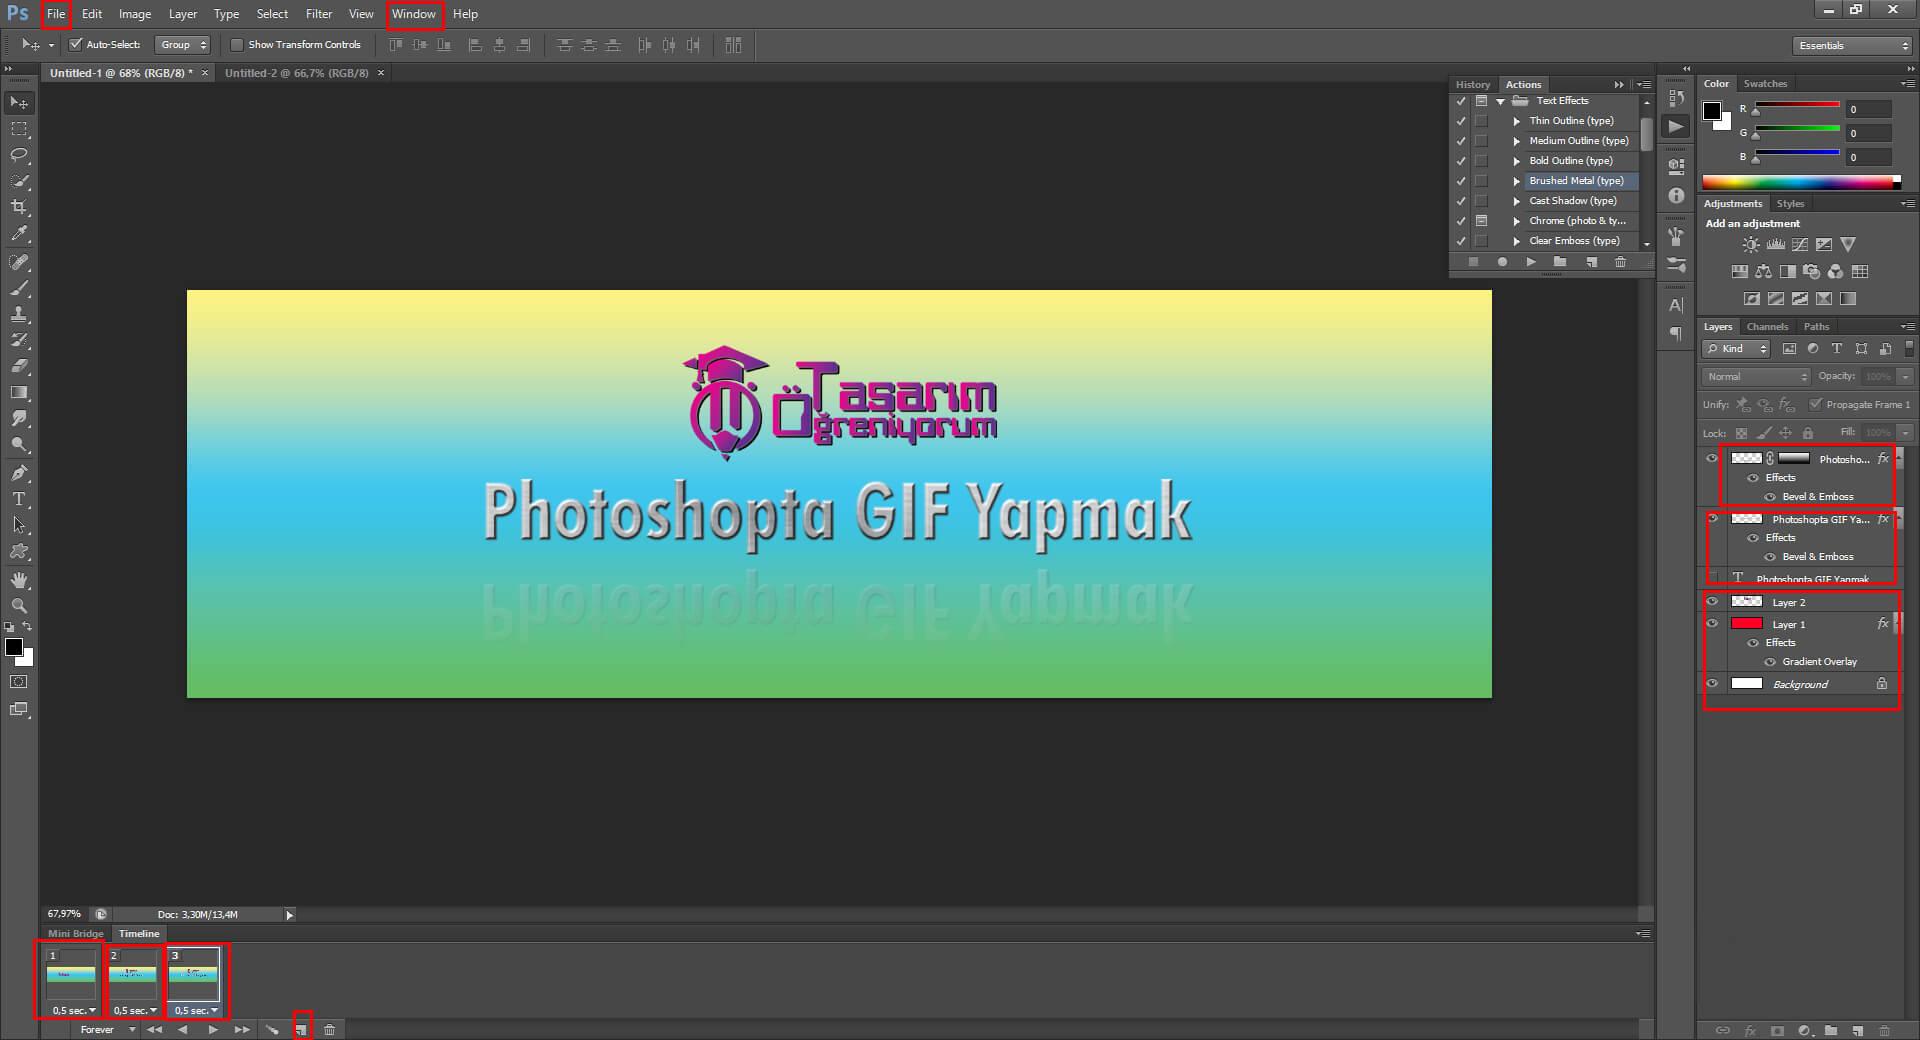 Photoshop'da GIF Yapmak